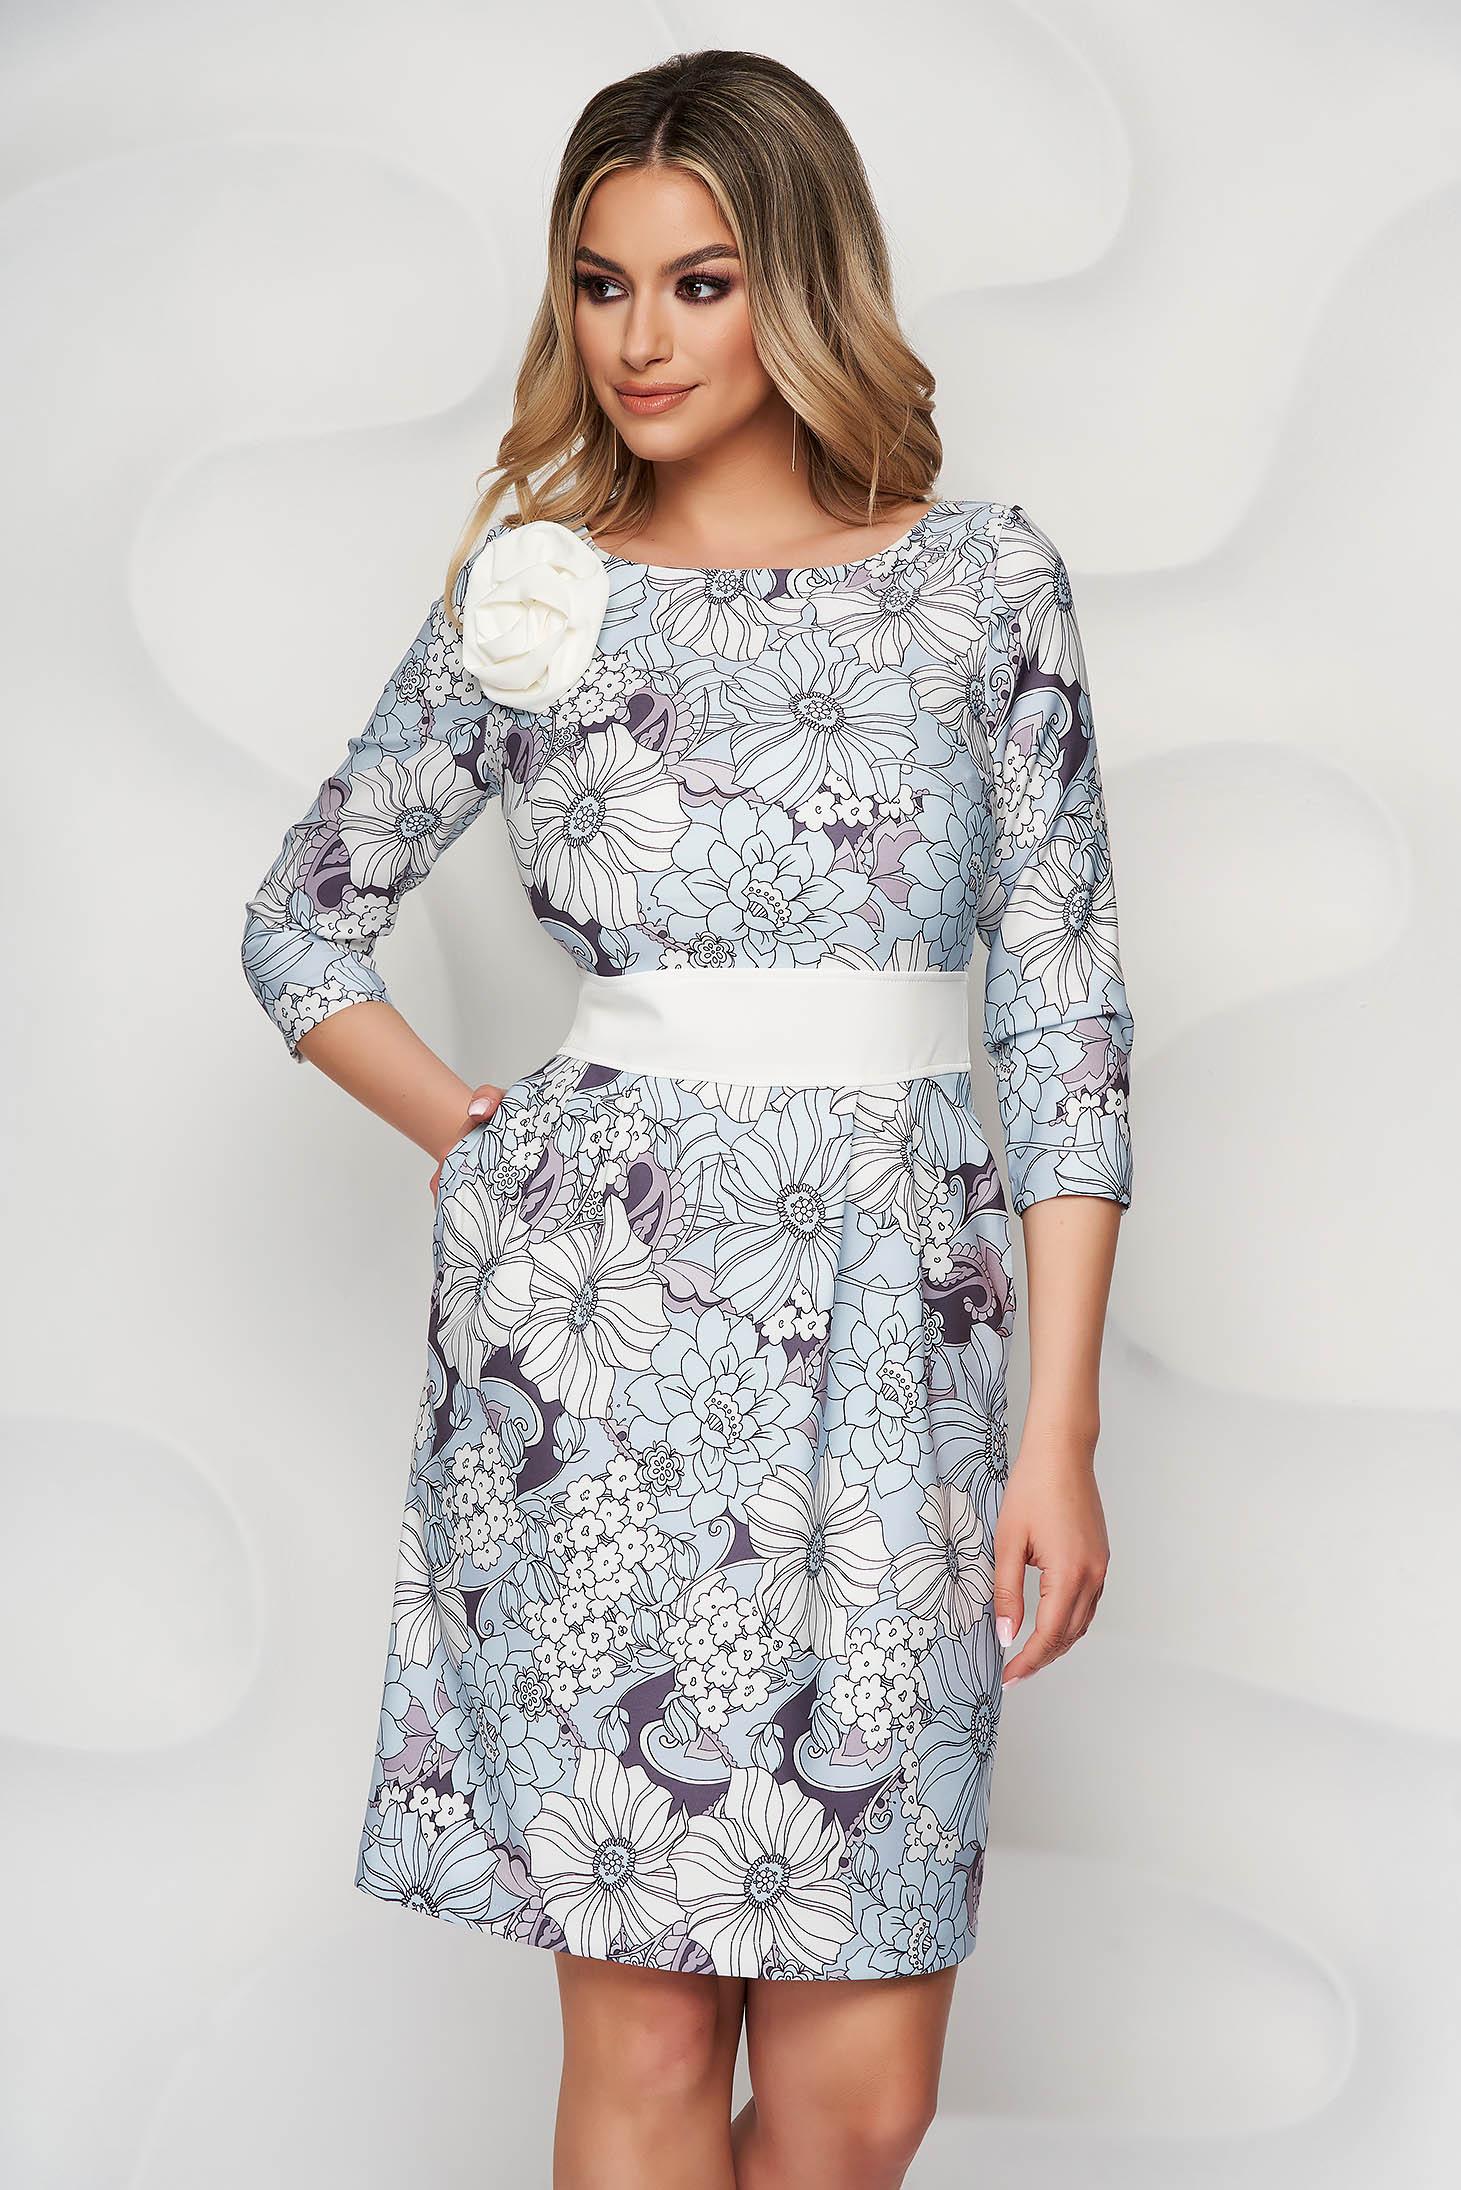 Világoskék StarShinerS elegáns midi virágmintás ruha kerekített dekoltázssal és hátul cipzárral zárható